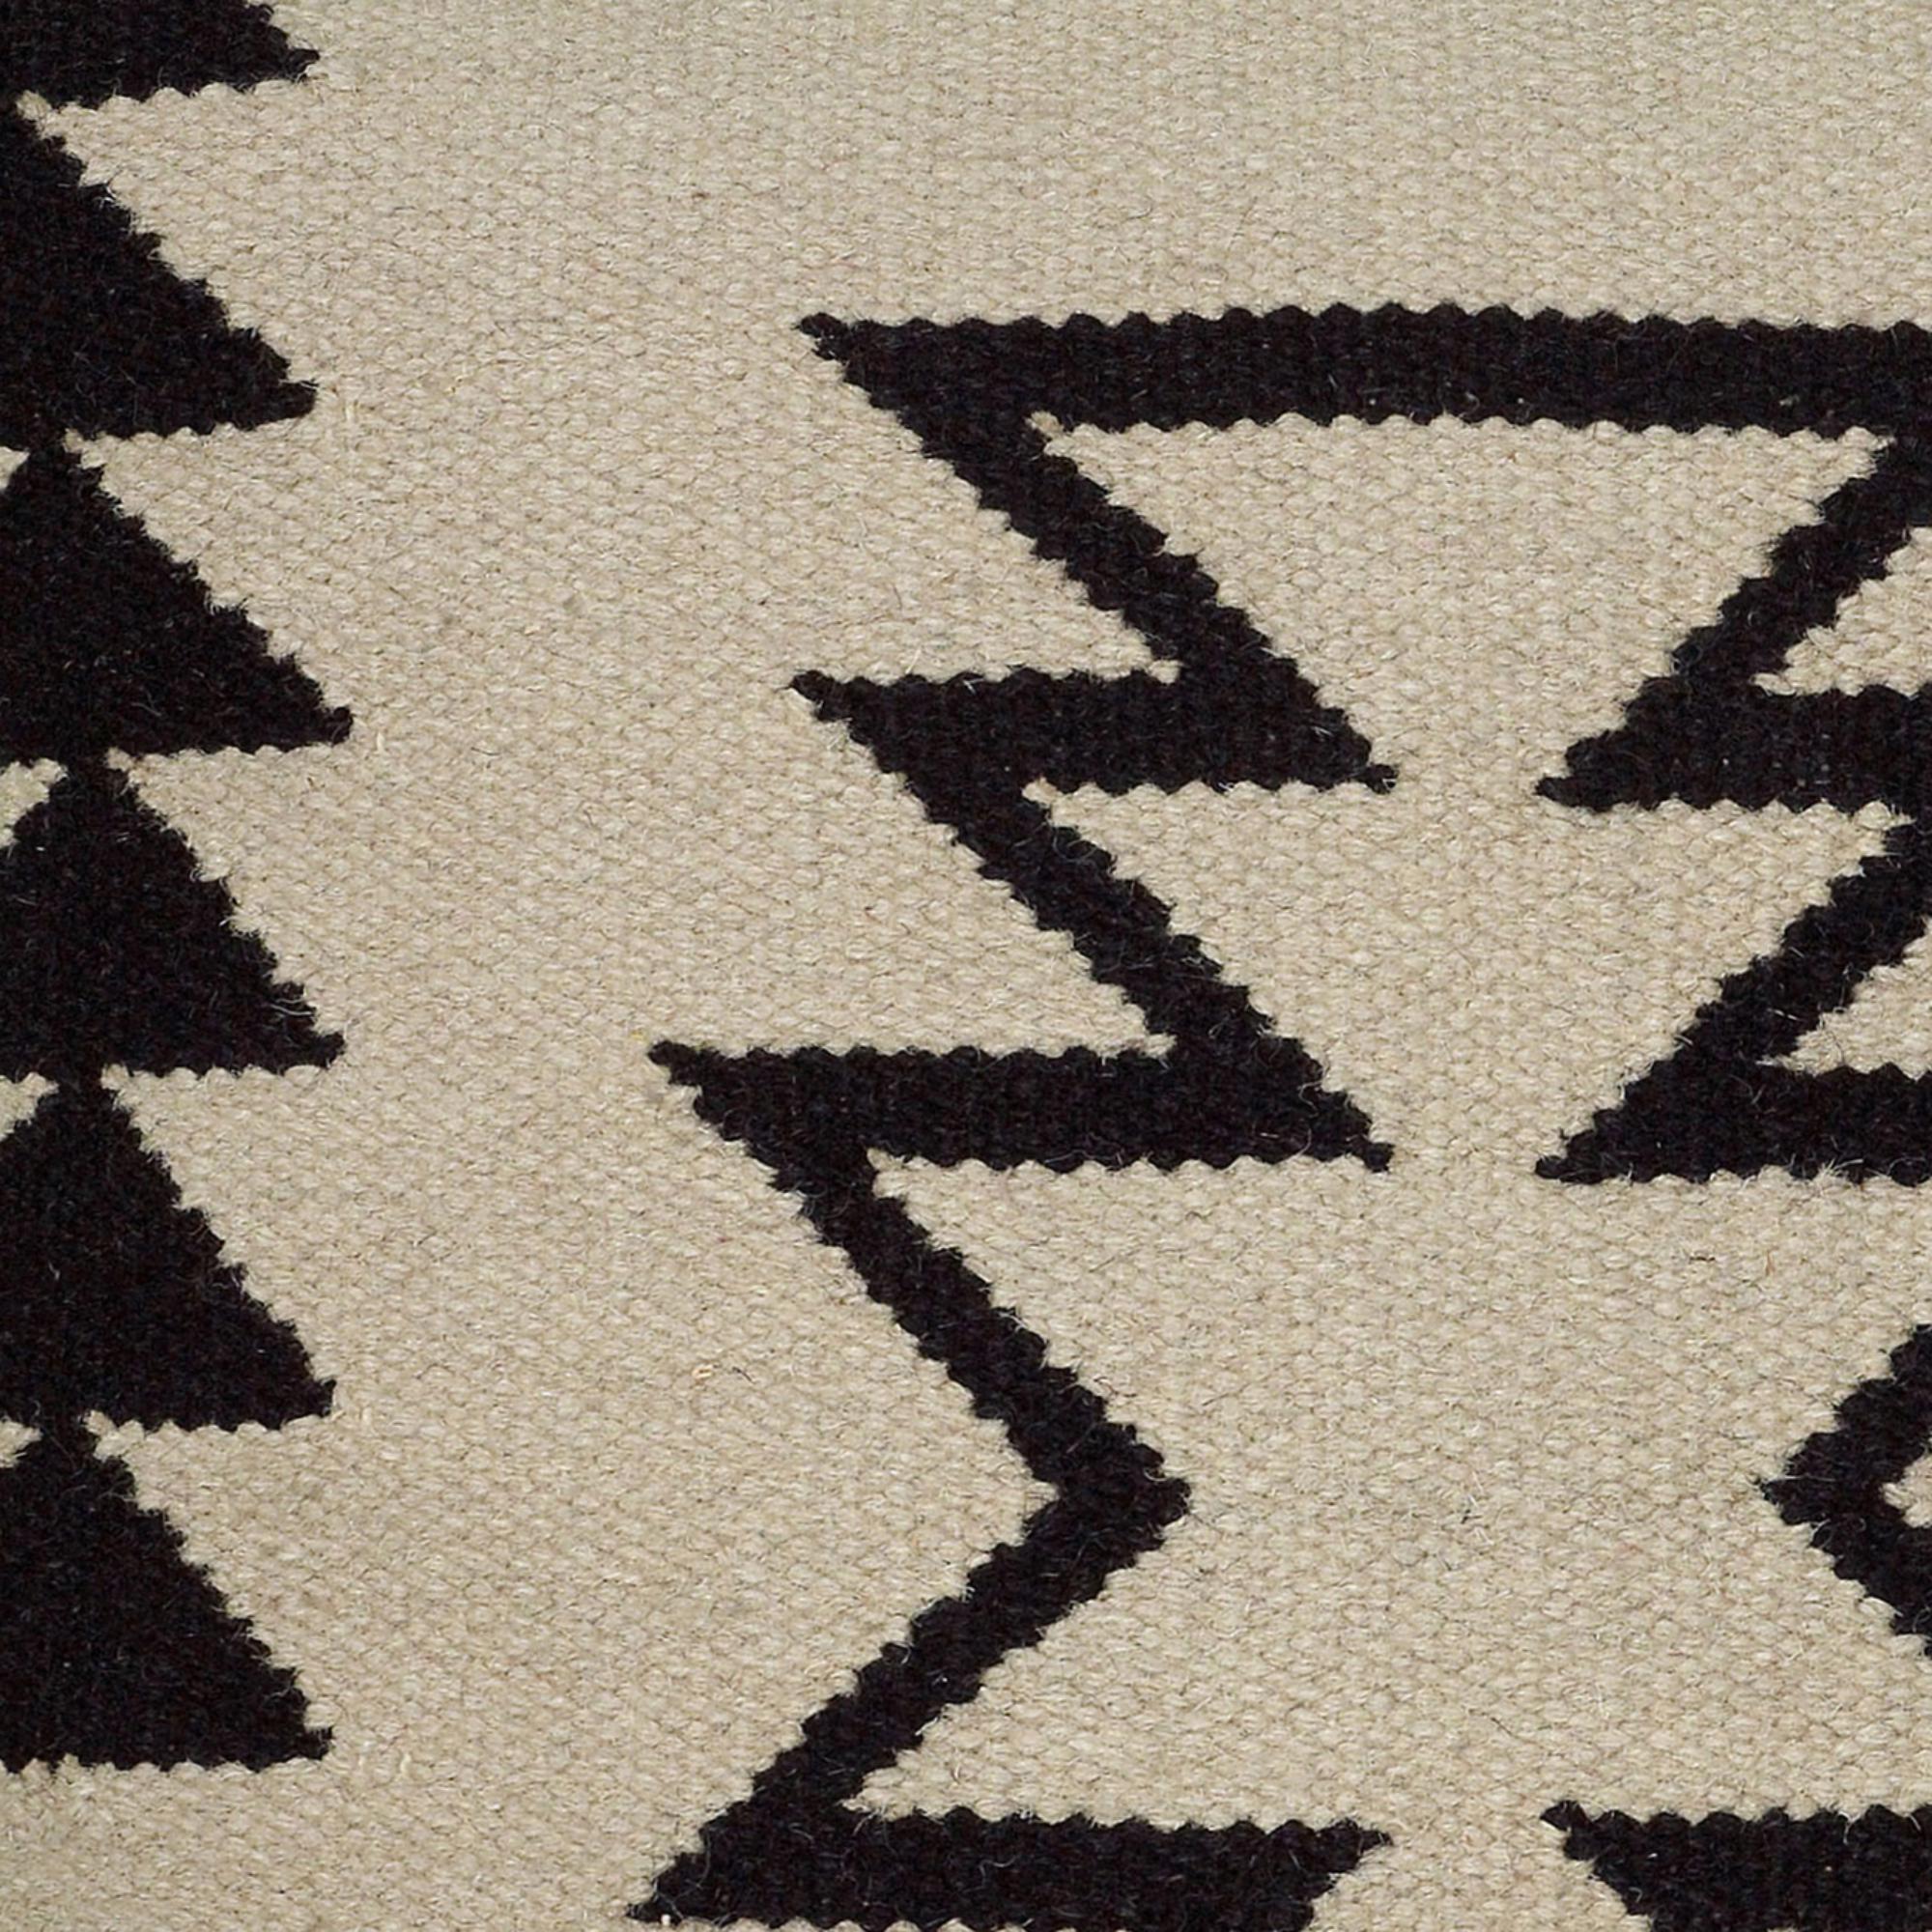 Arrow Motif With Arrow Stripes 18